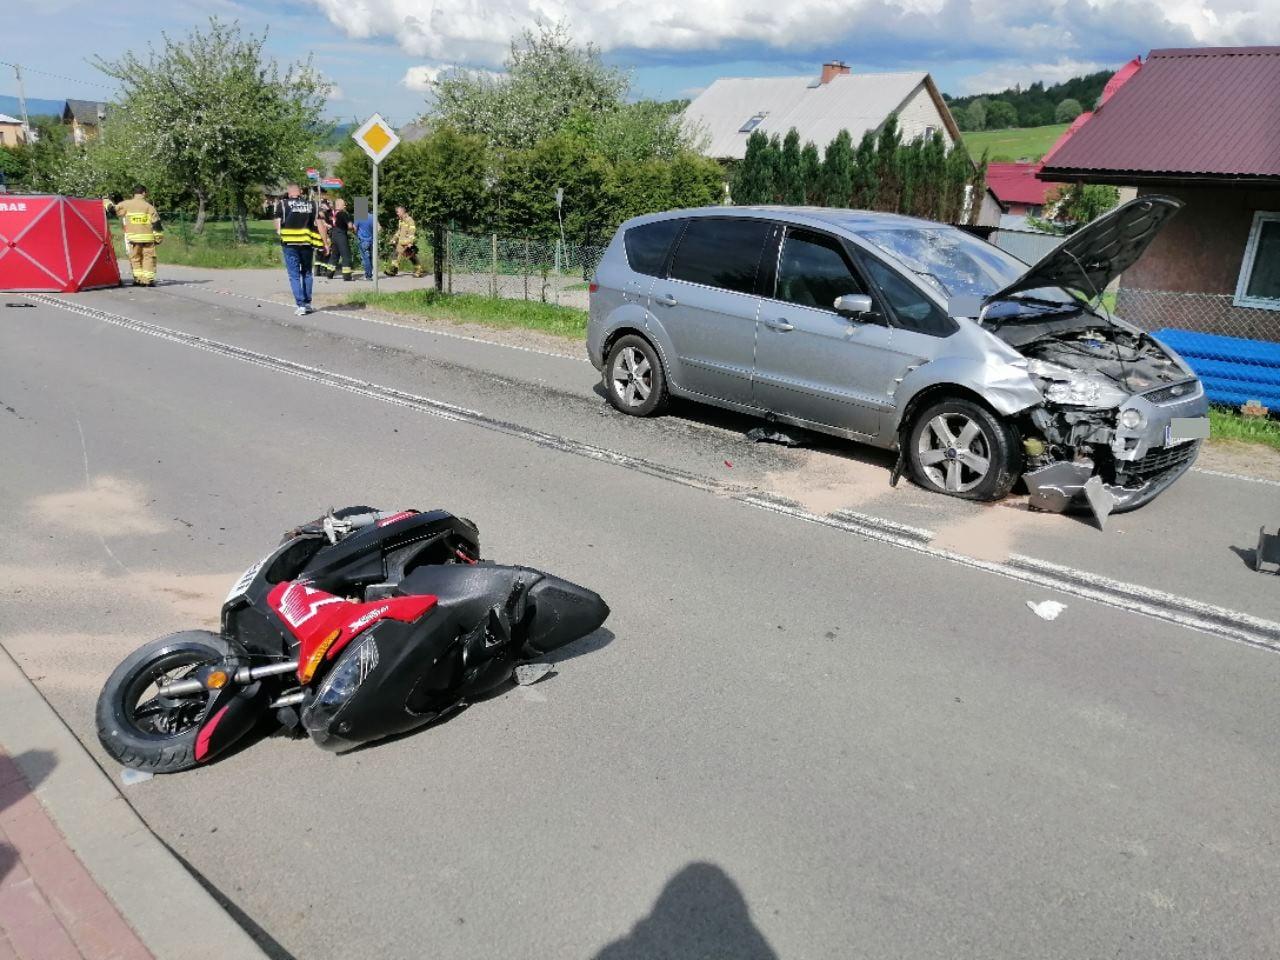 Tragiczny wypadek w Czaszynie. Motorowerzysta zginął na miejscu - Zdjęcie główne